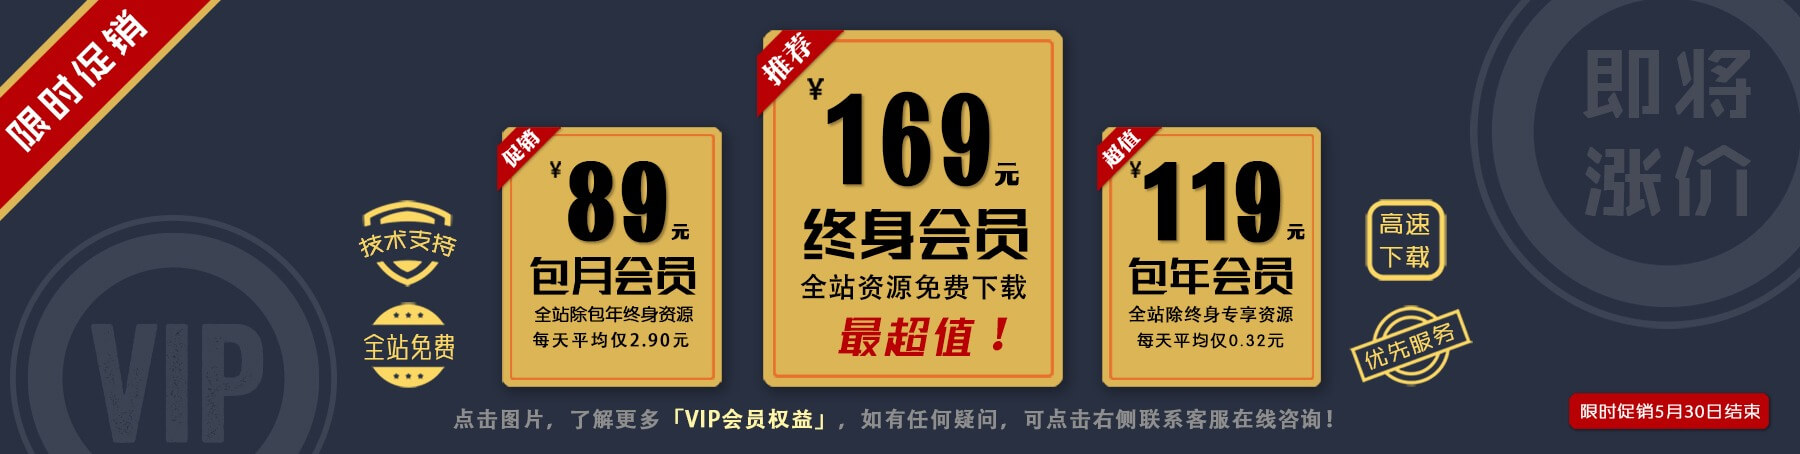 【包年会员】【免费下载】【只需89元】迎新促销!